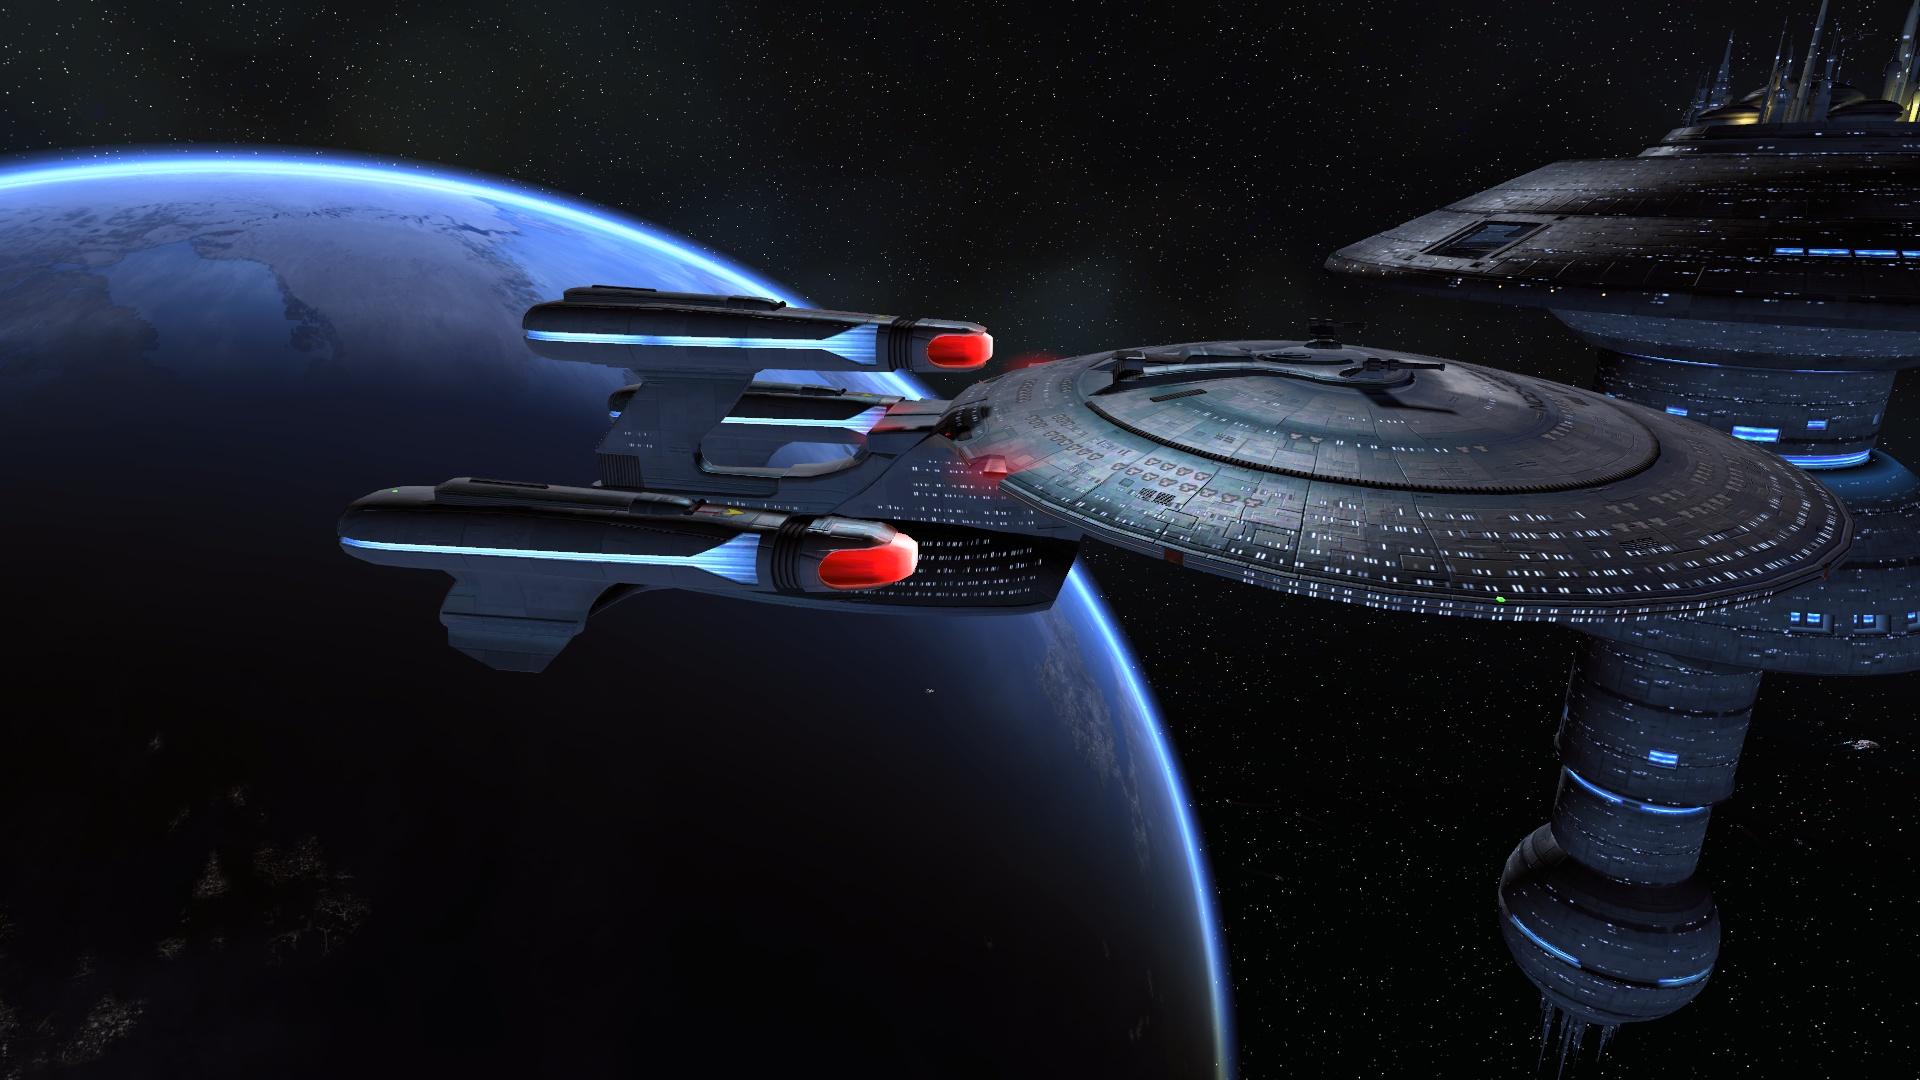 3d Wallpaper 1366x768 Hd Sto Wallpaper Star Trek Online Academy